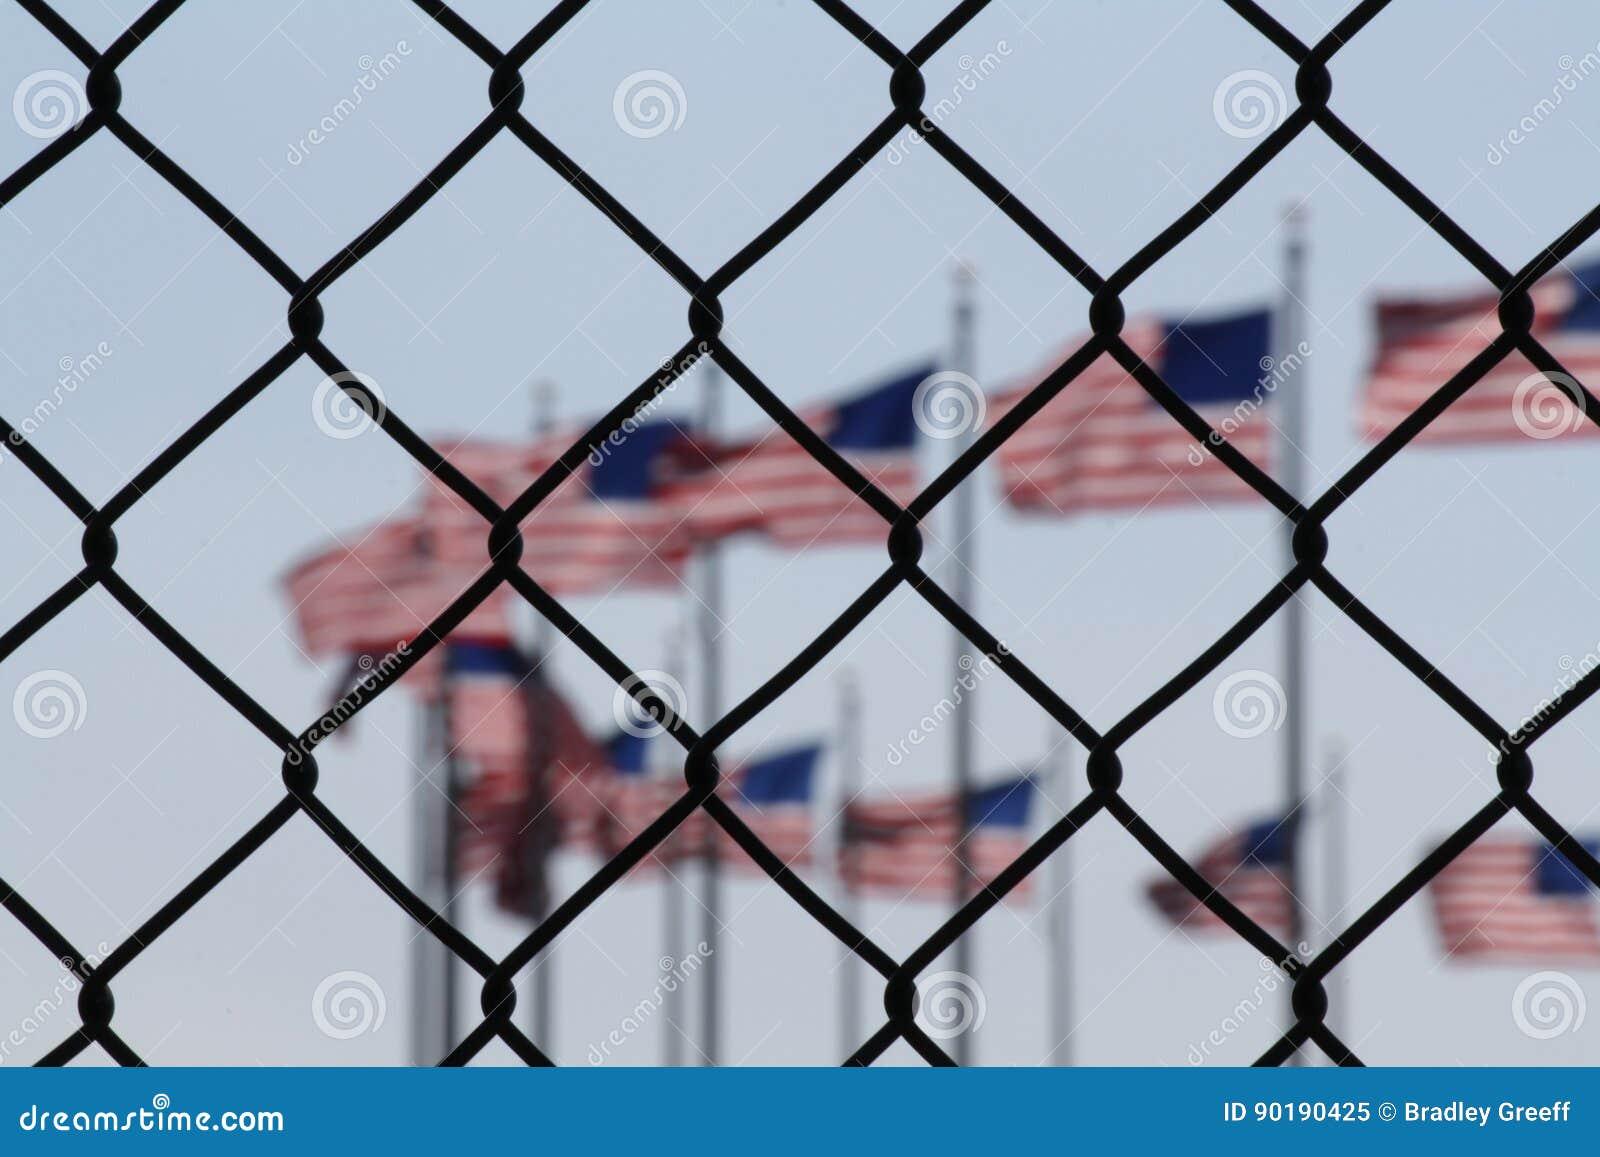 Uma representação simbólica dos Estados Unidos e dos estrangeiros